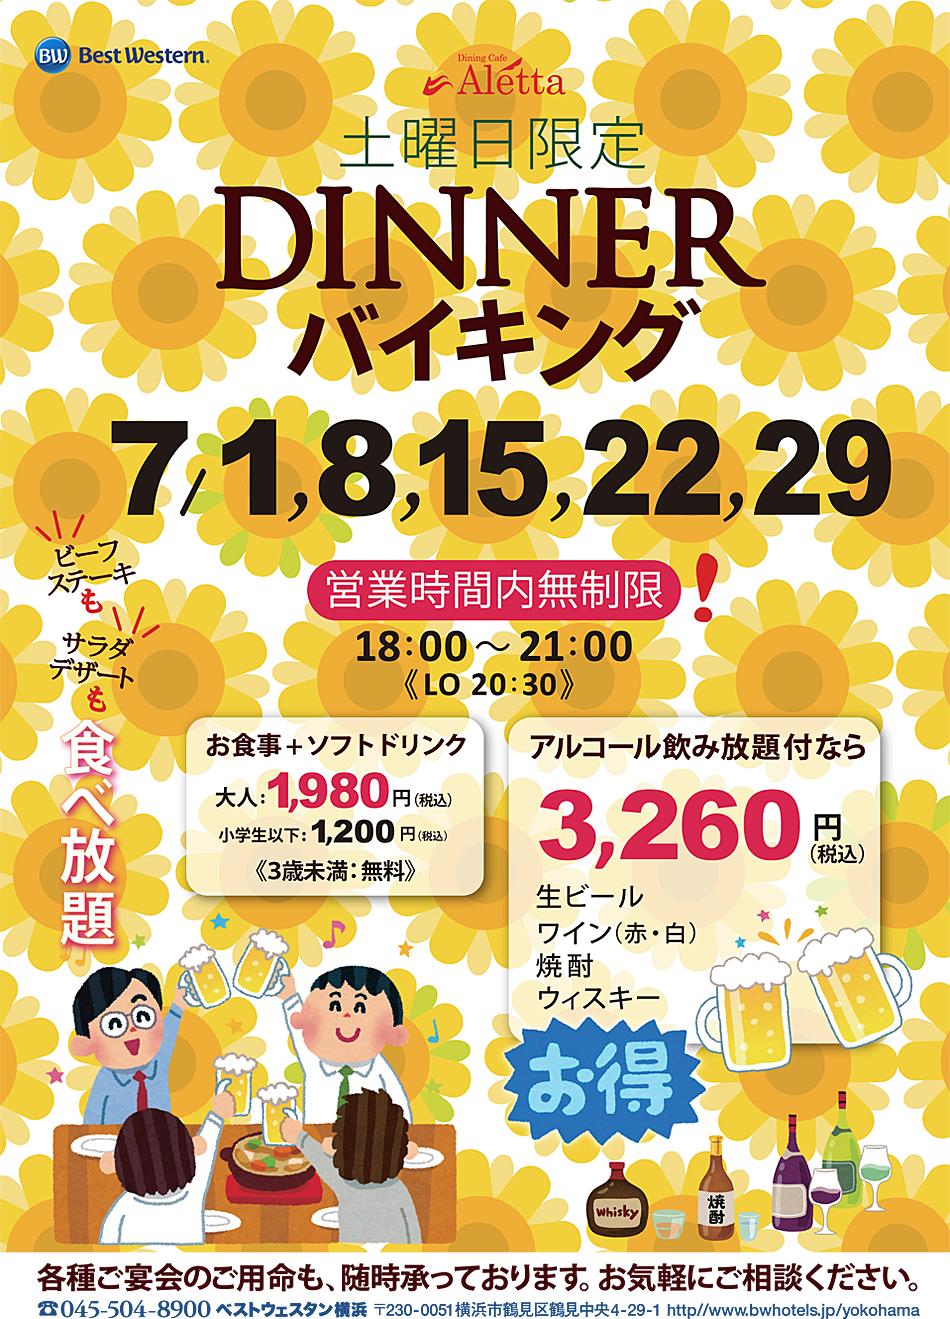 レストラン アレッタ◆土曜限定DINNERバイキング 7月1,8,15,22日(土)◆営業時間内無制限食べ放題